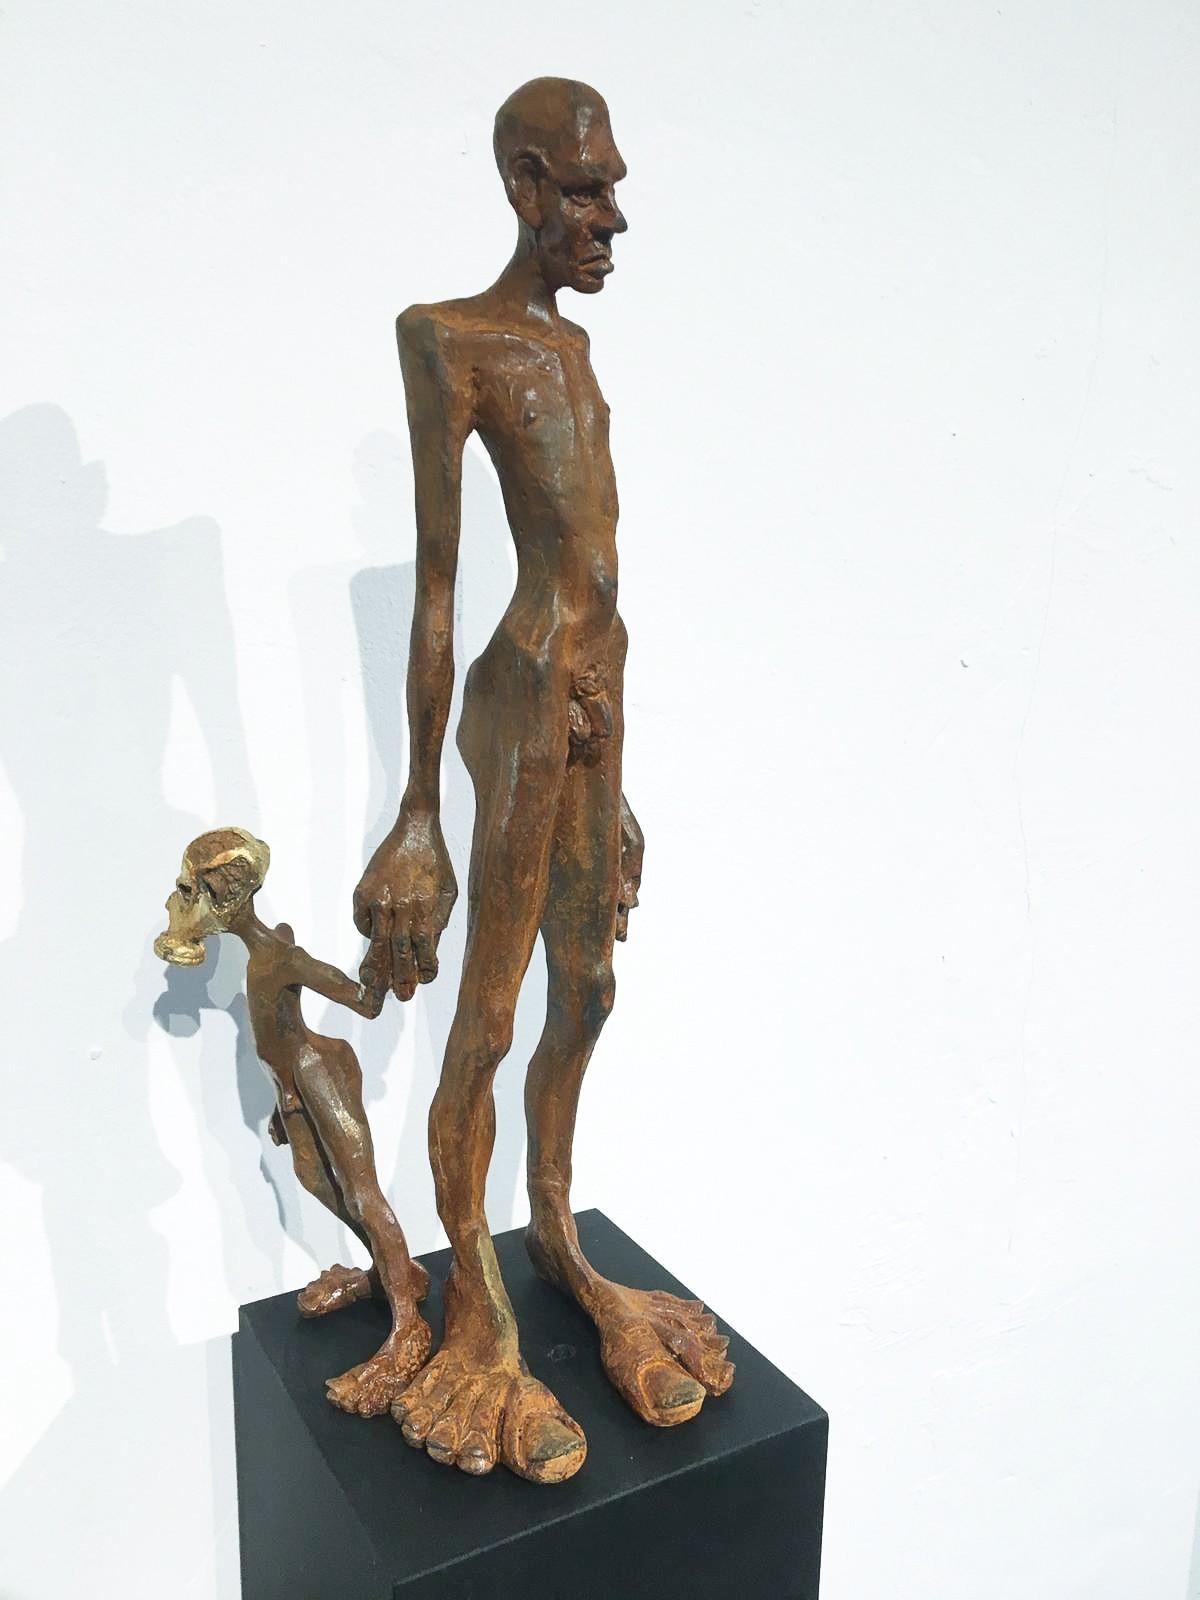 Nachlass - Eisen Skulptur von Tim David Trillsam, Edition